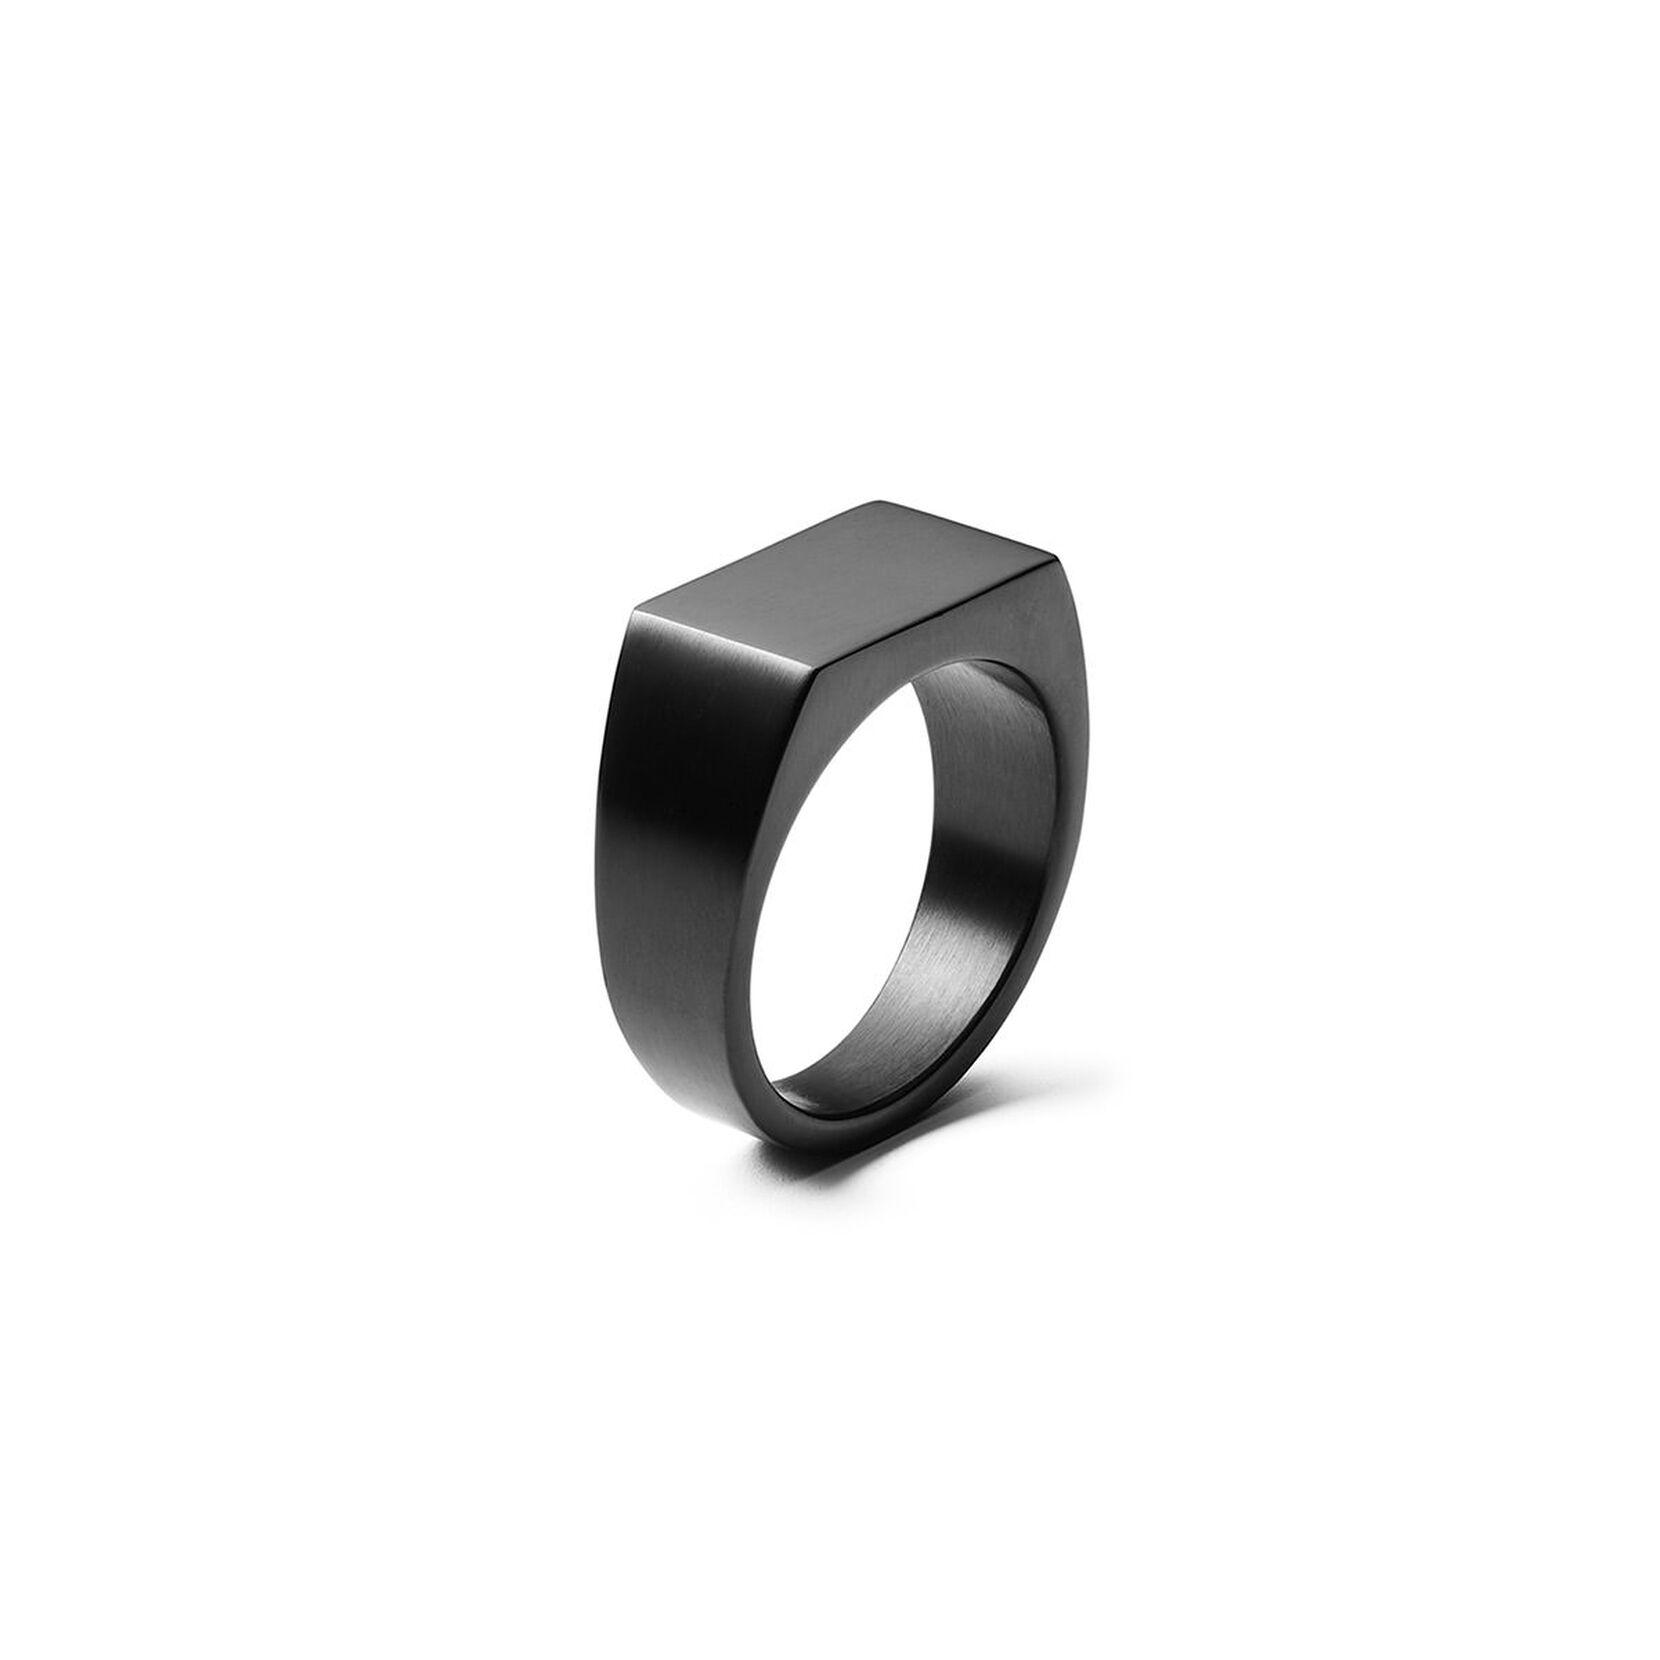 Platform Ring